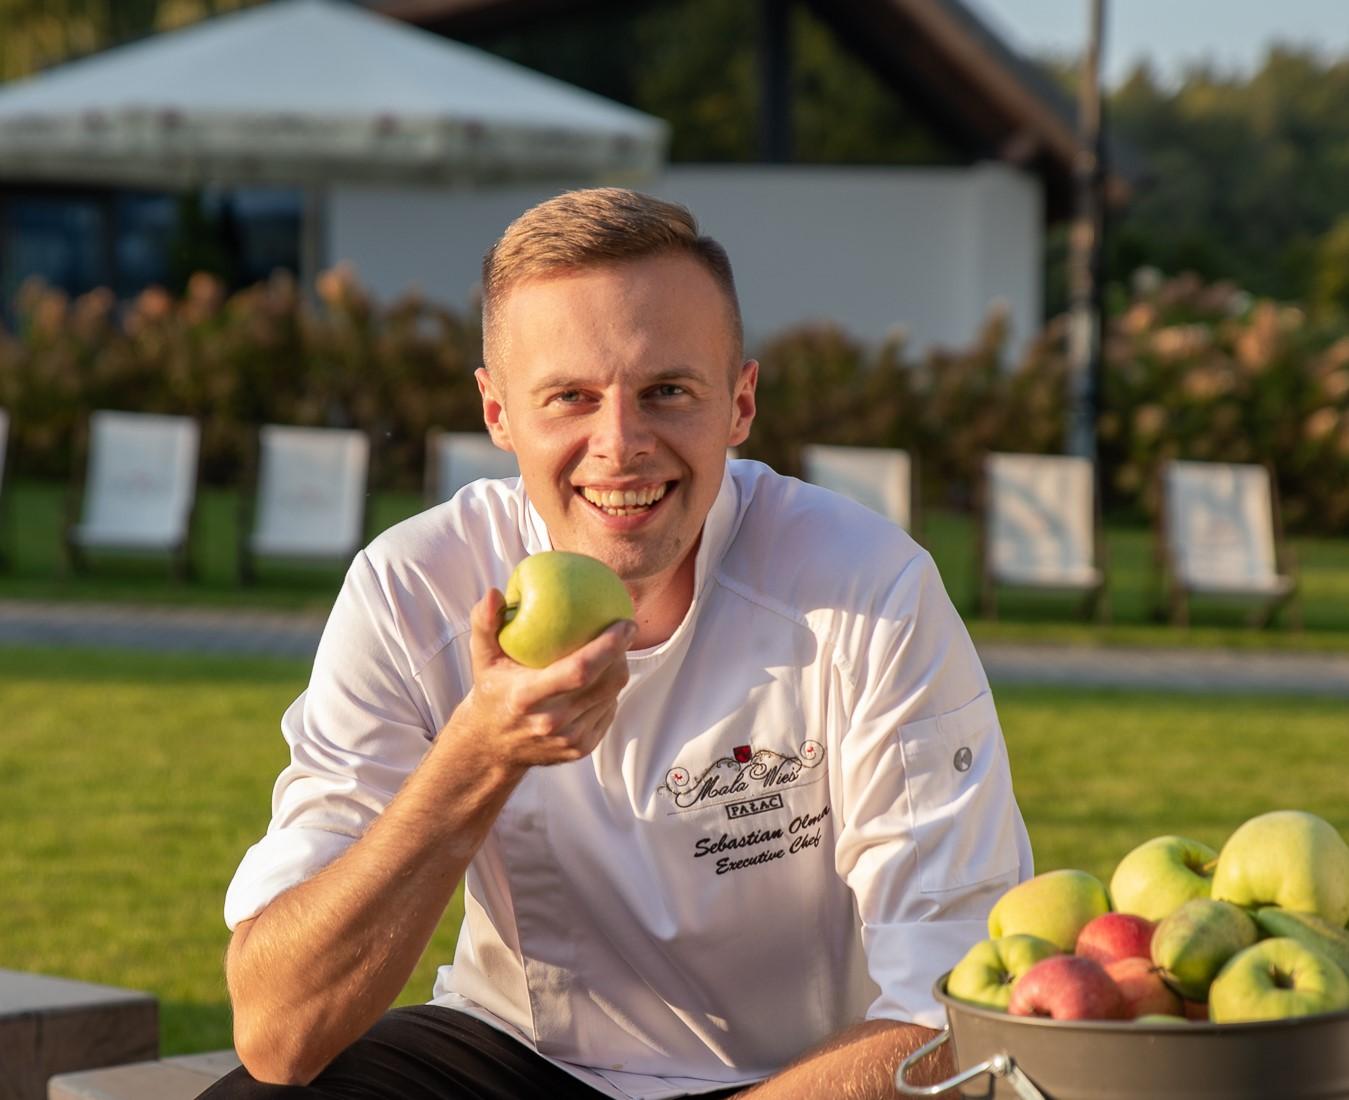 Sebastian Olma: Gastronomia to biznes, wszystko musi się zgadzać